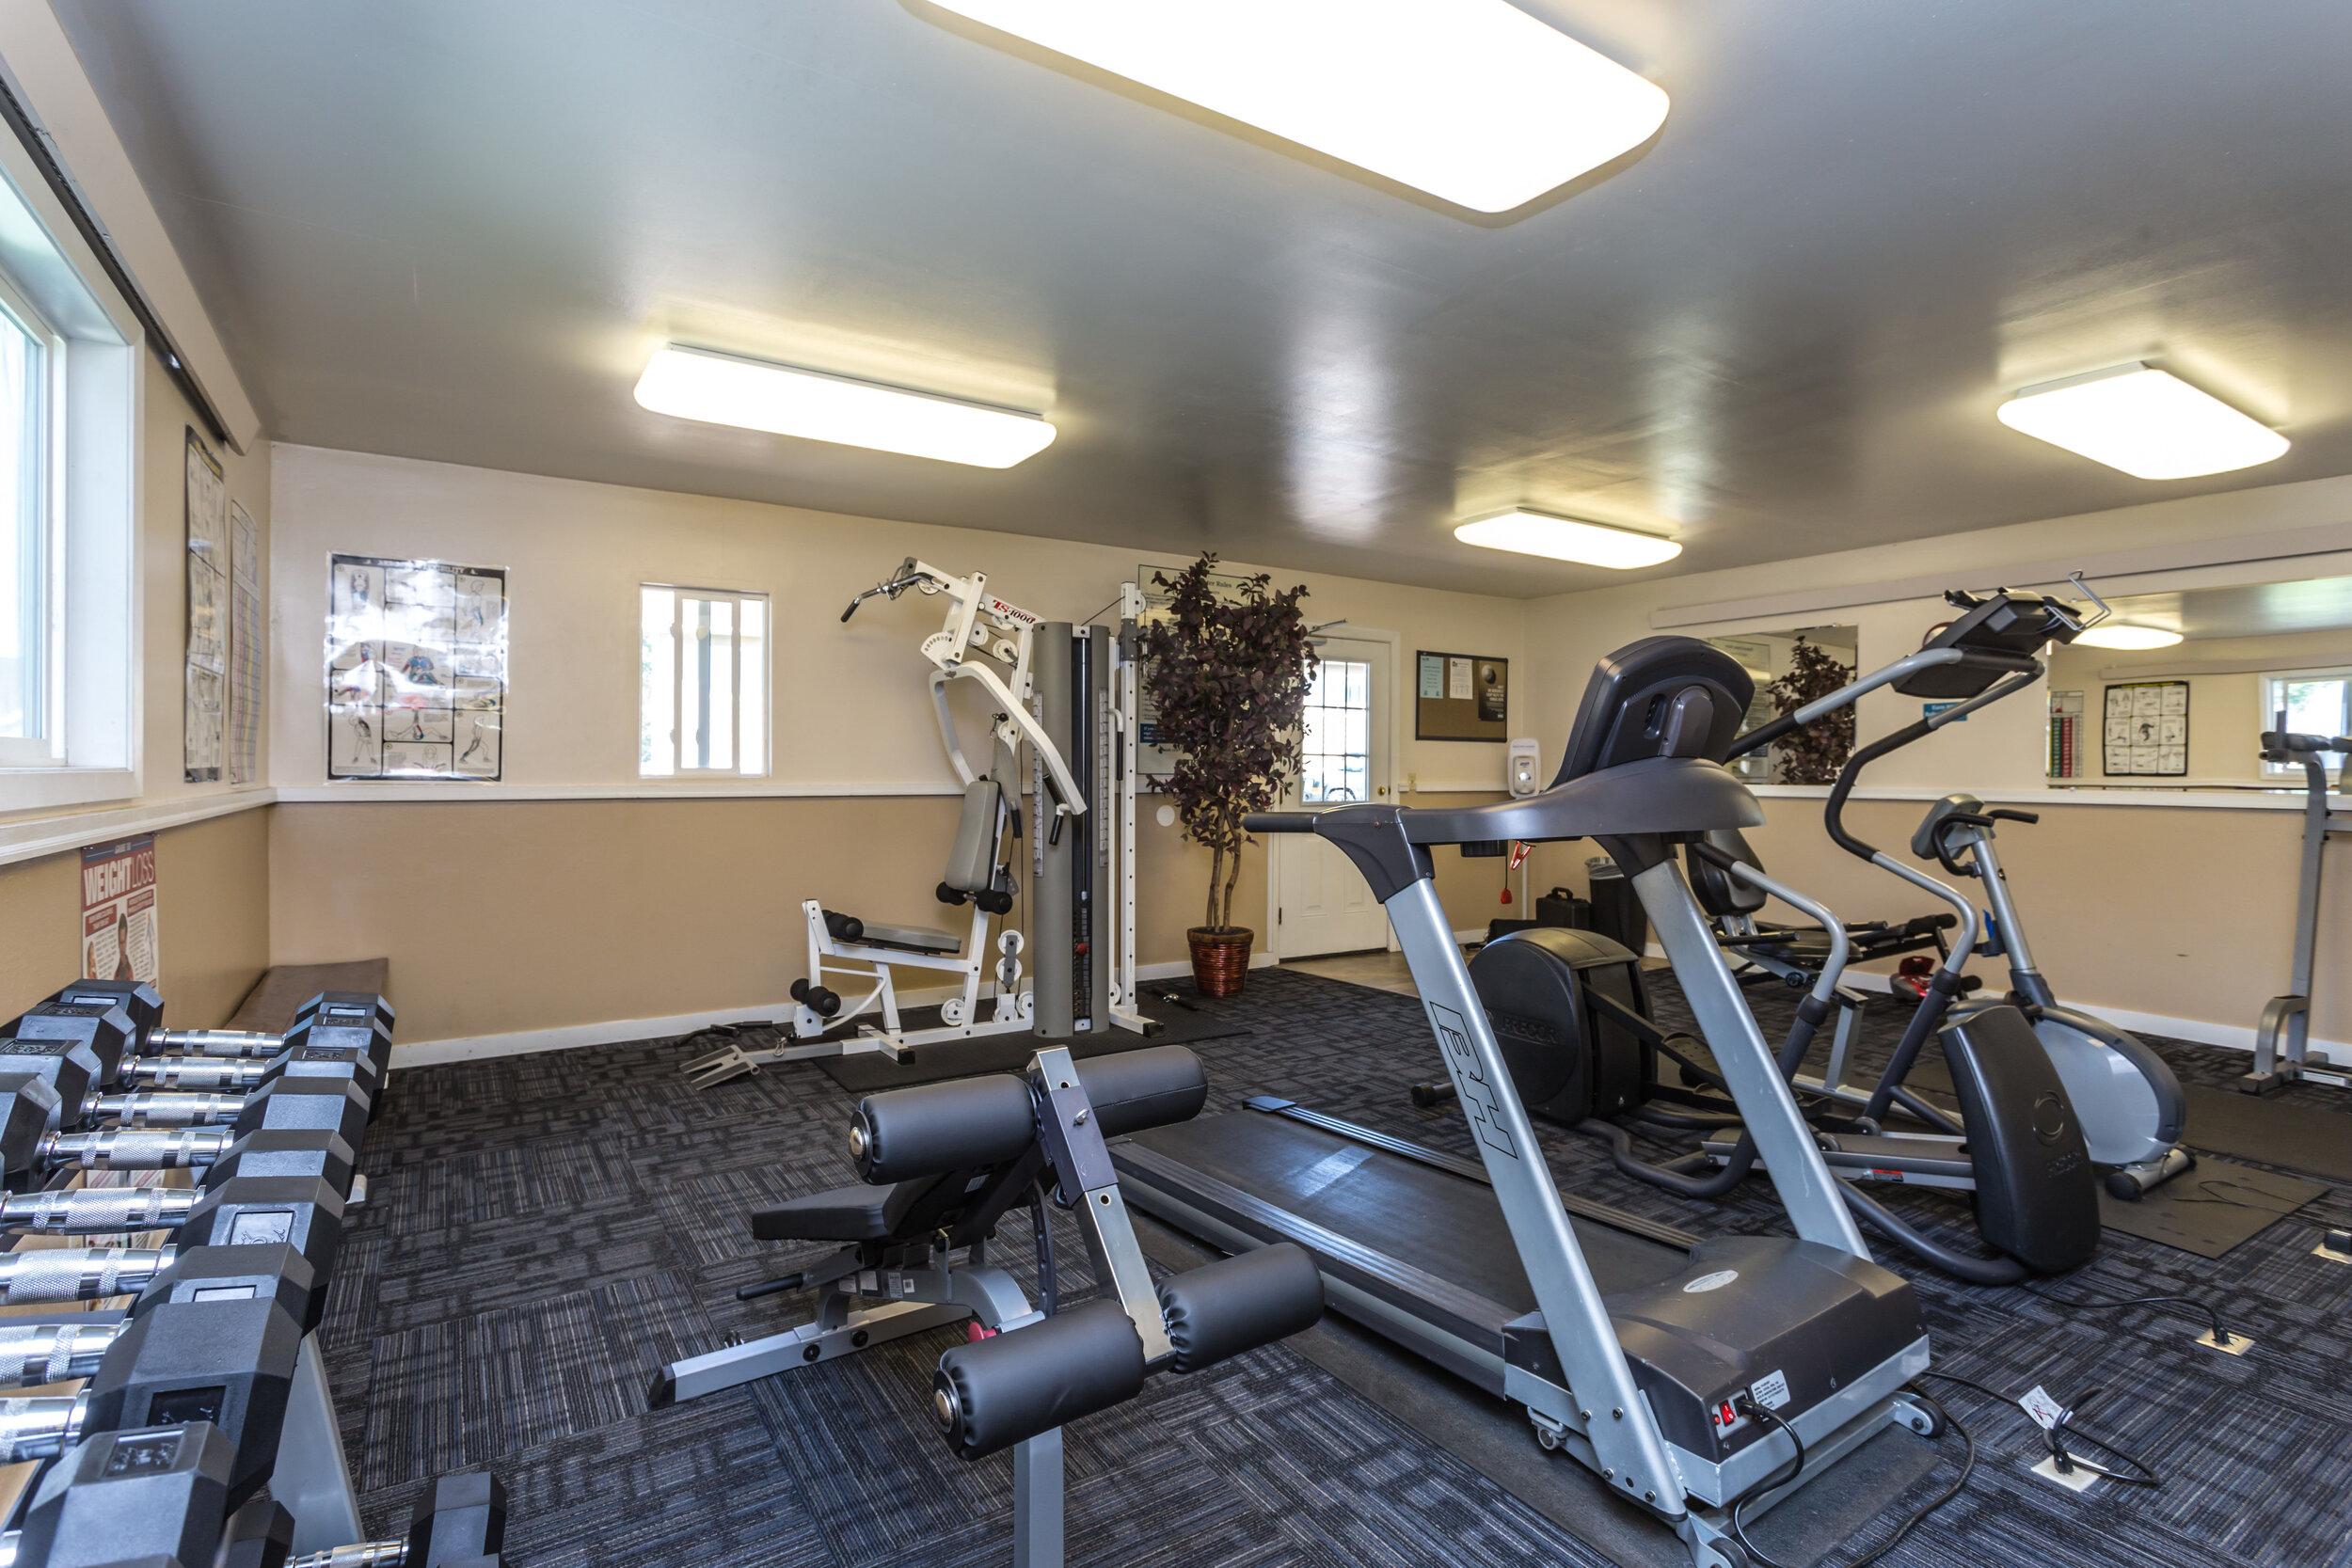 FitnessCenter2.jpg